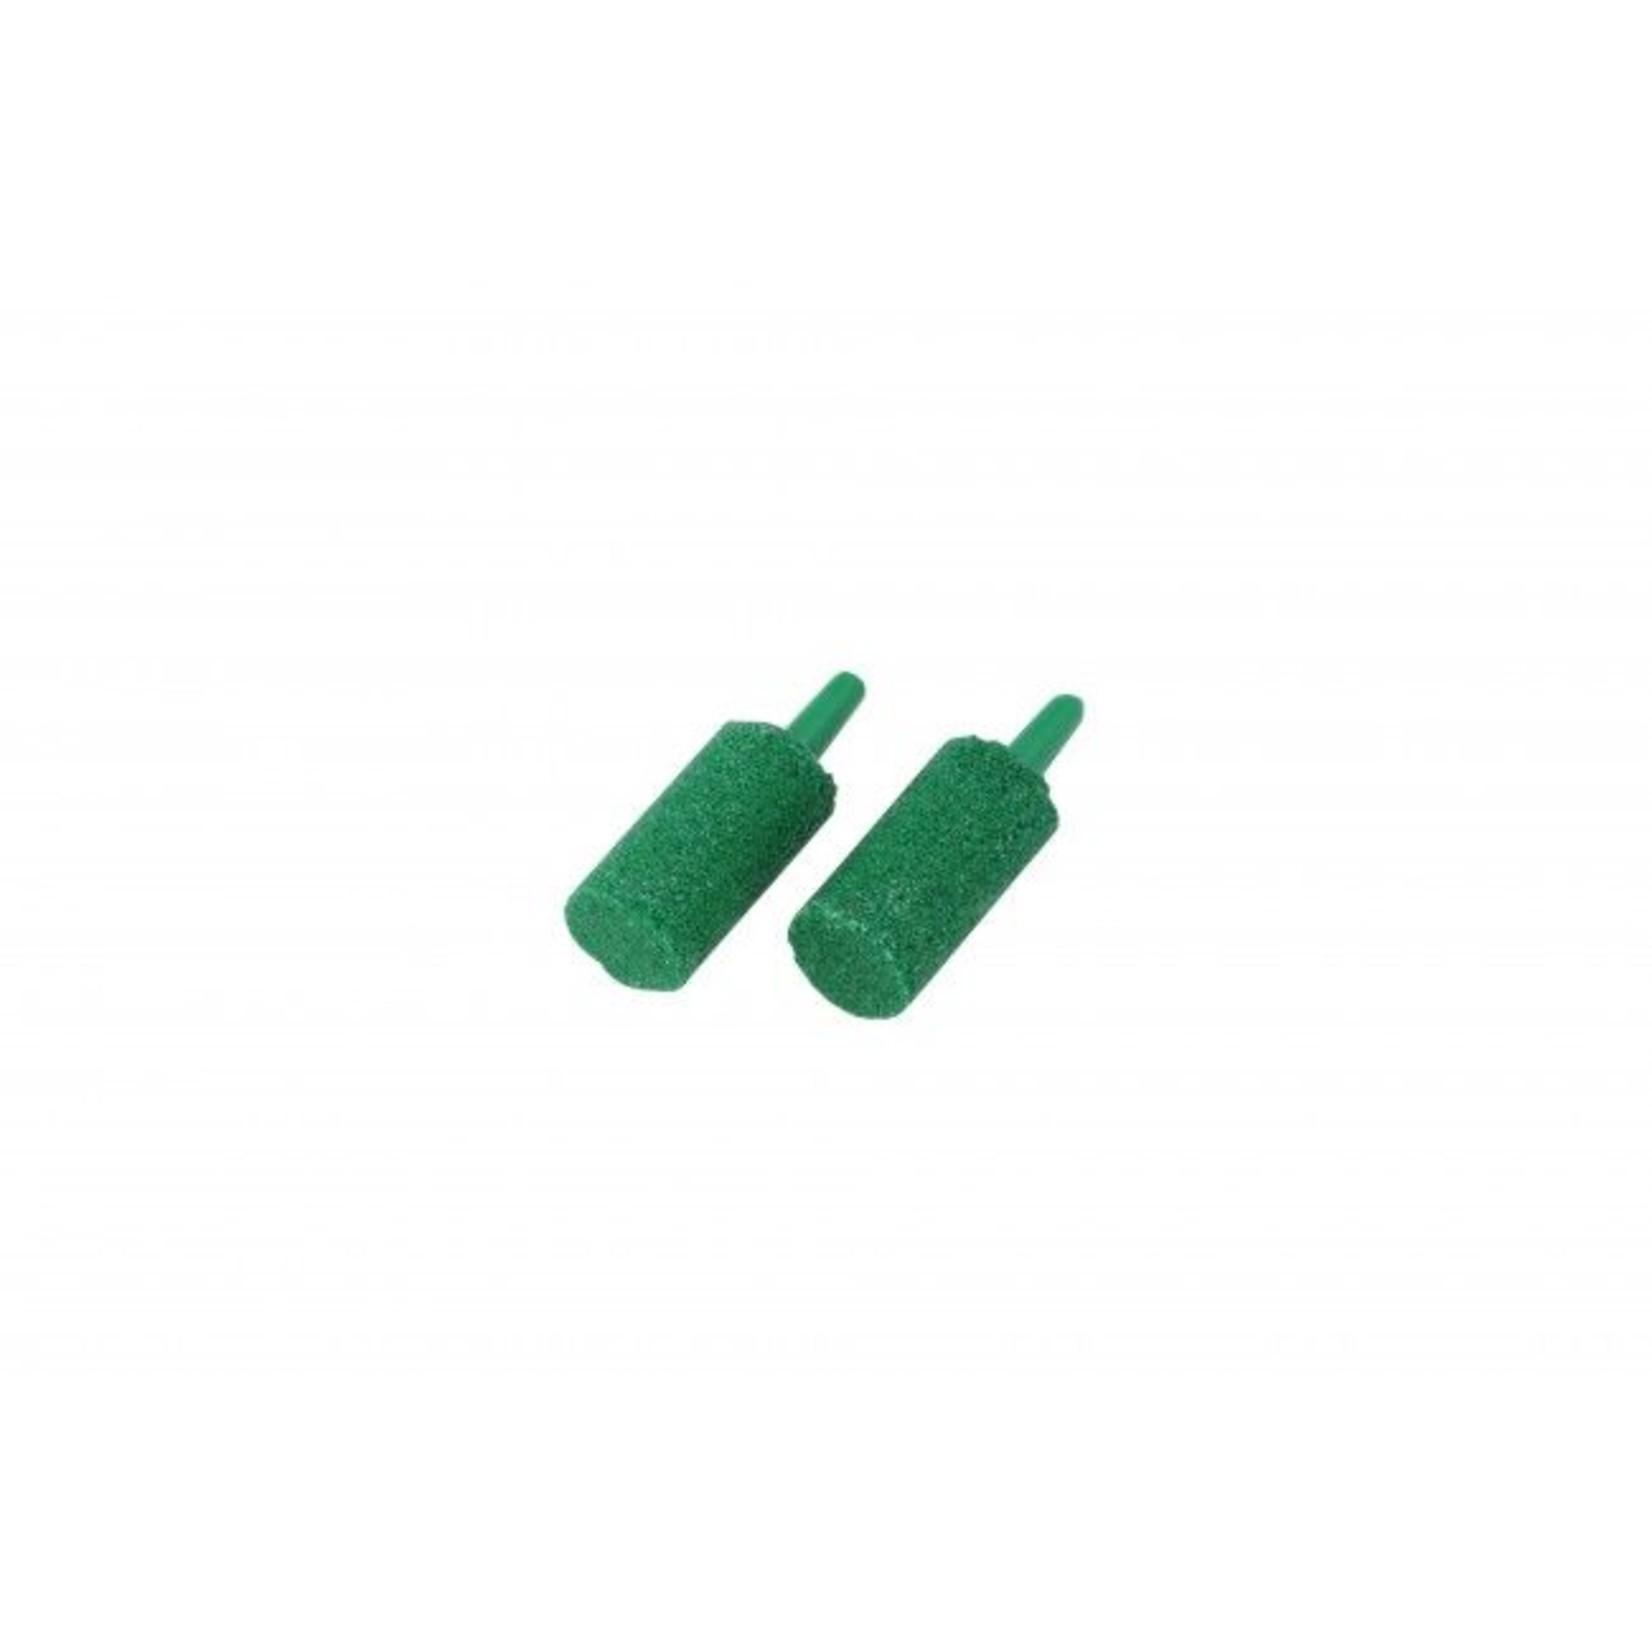 Uitstroomsteentjes groen, 2 stuks